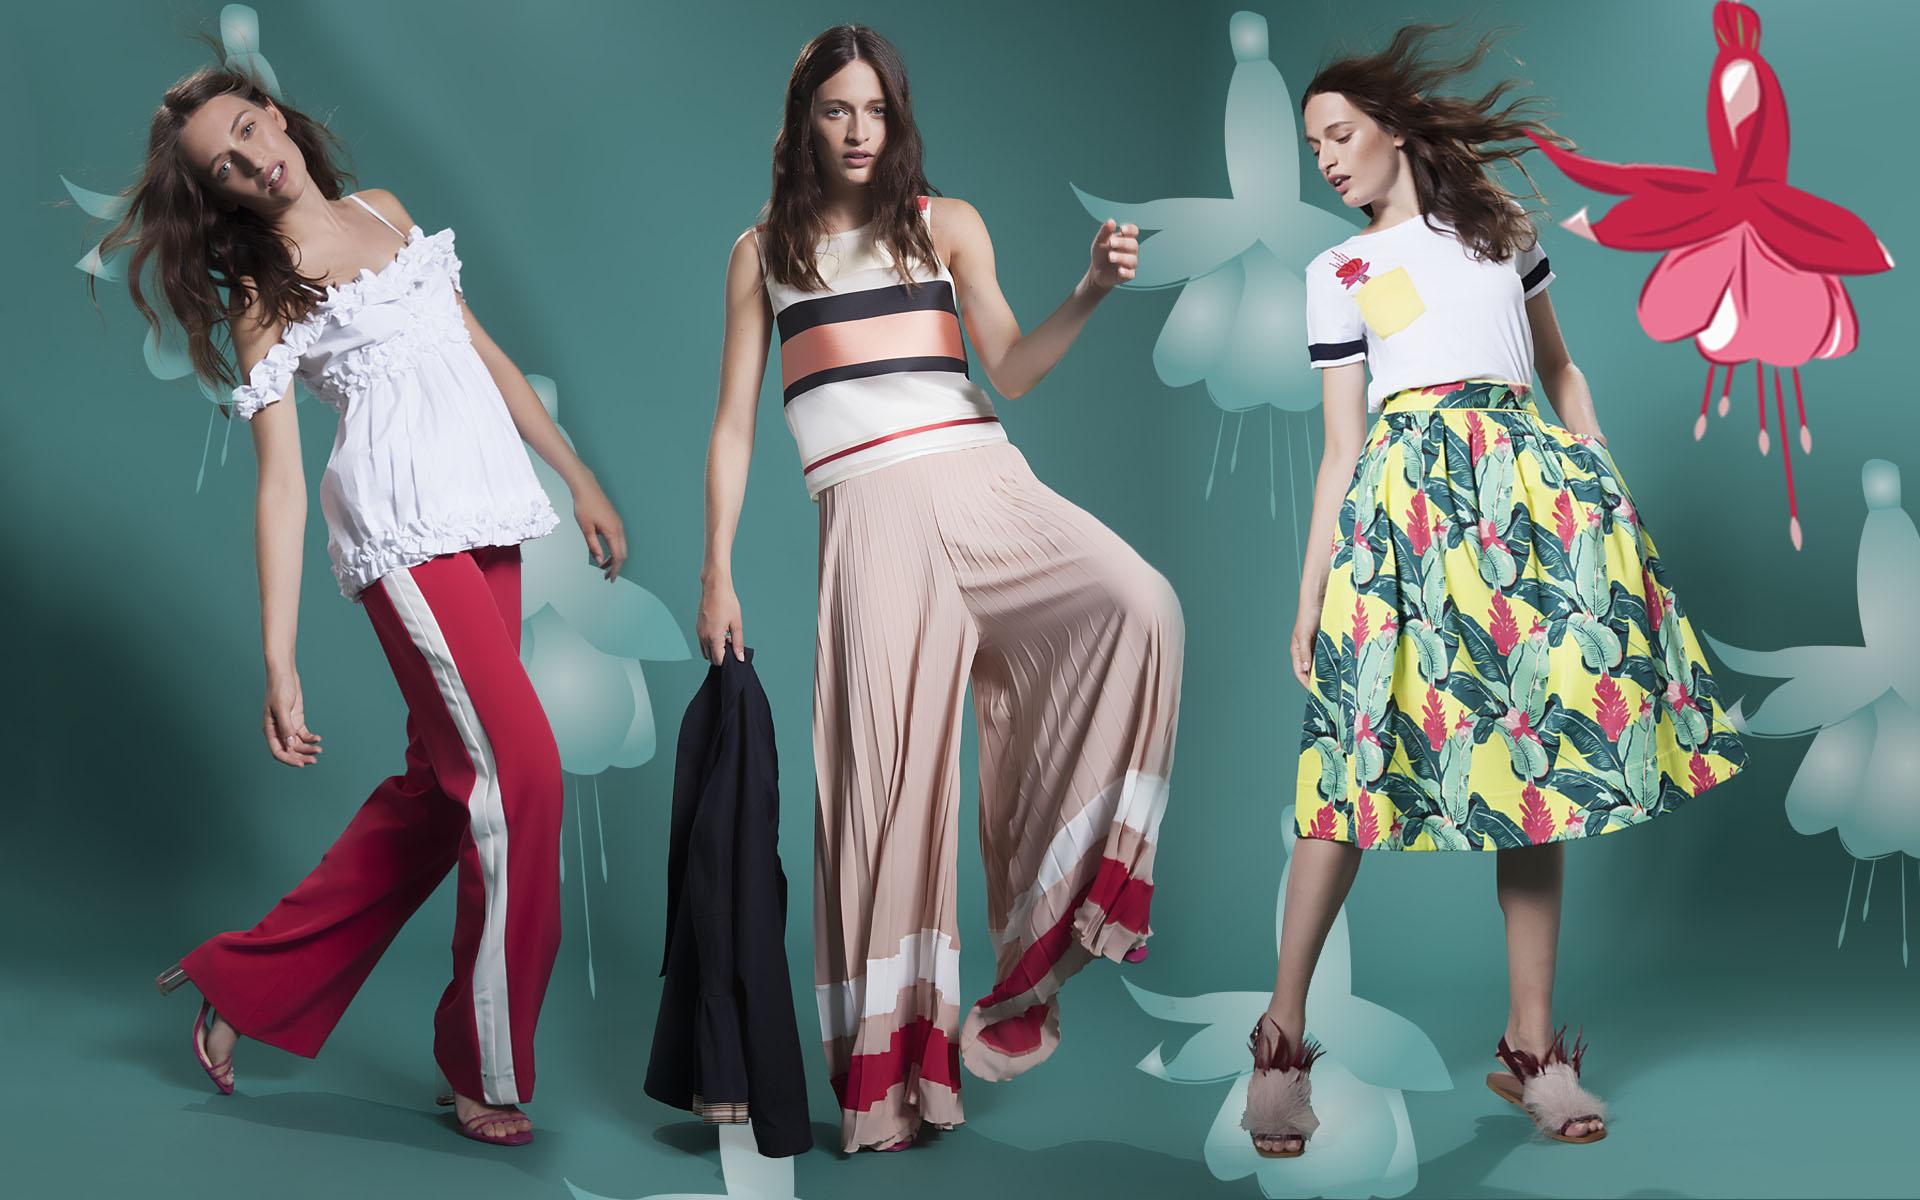 La primavera è alle porte: Quali sono i colori di tendenza?